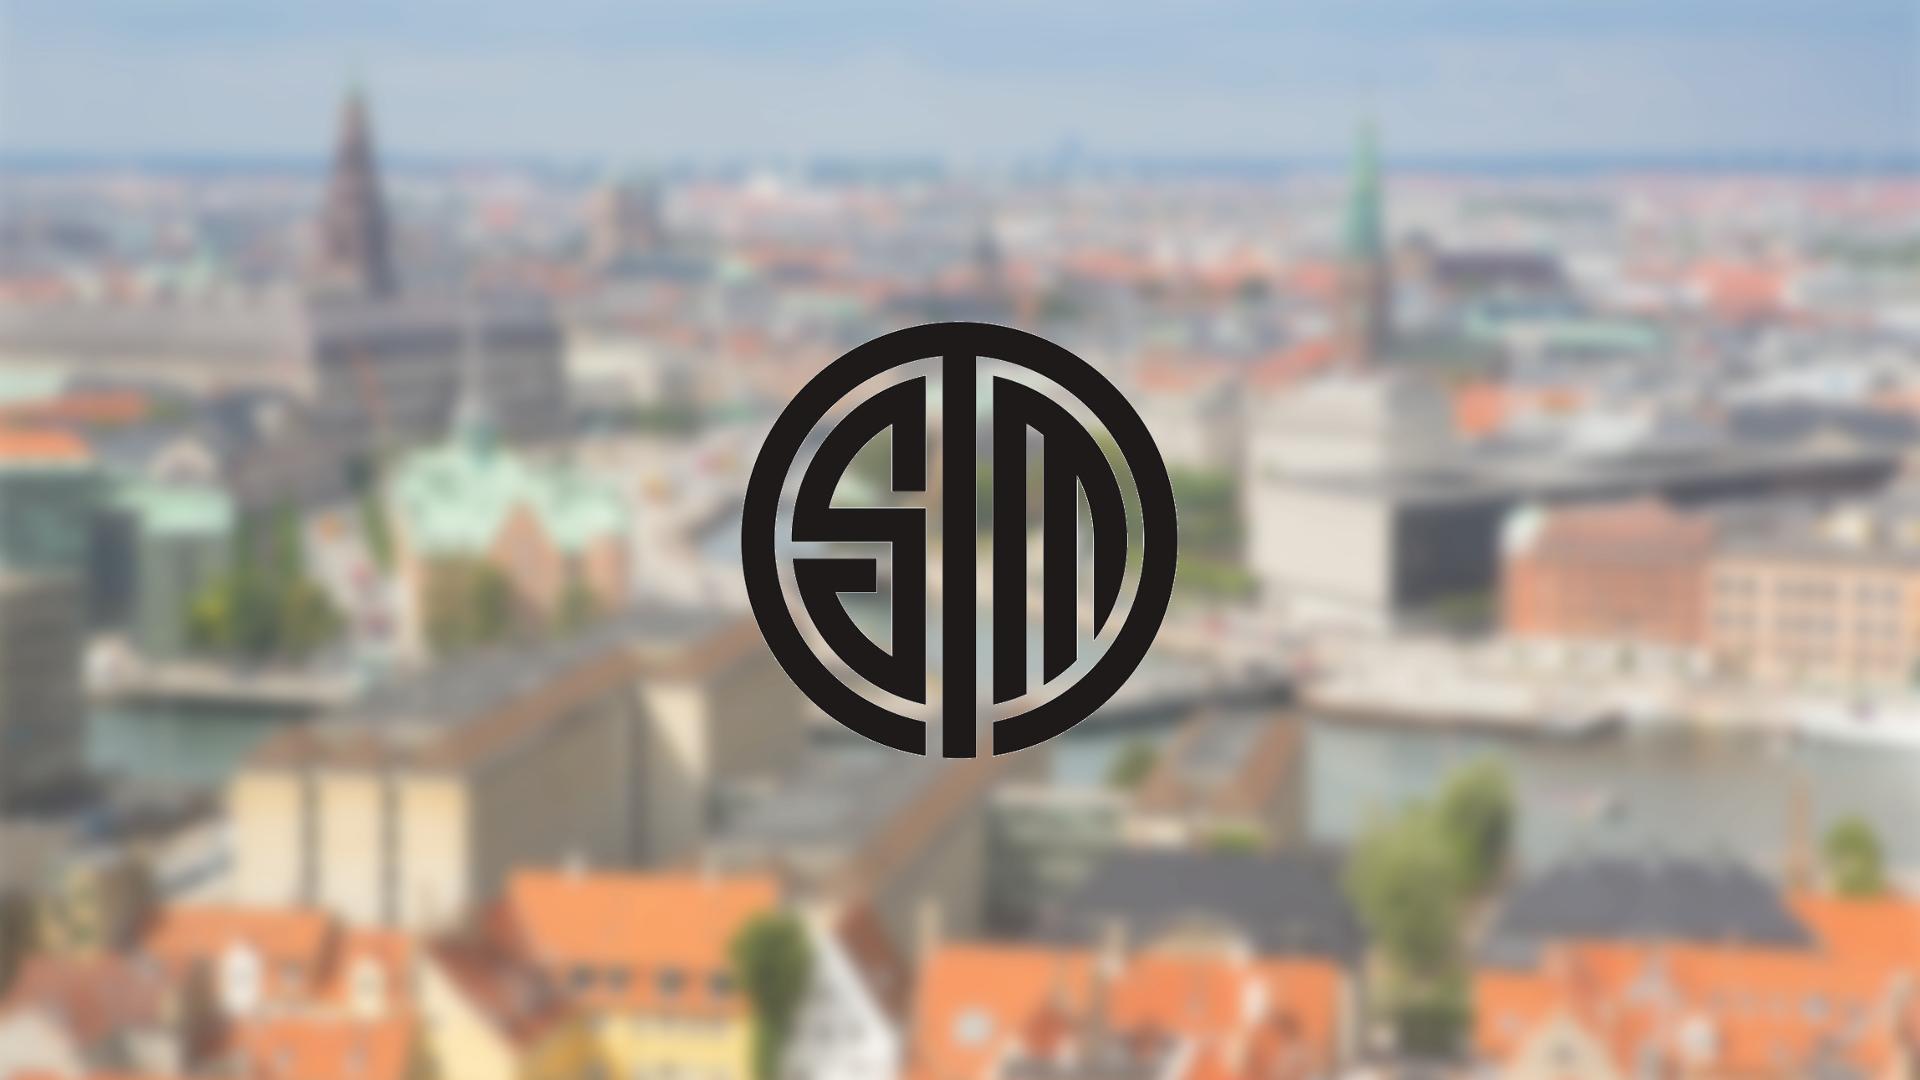 Team SoloMid / Copenhagen